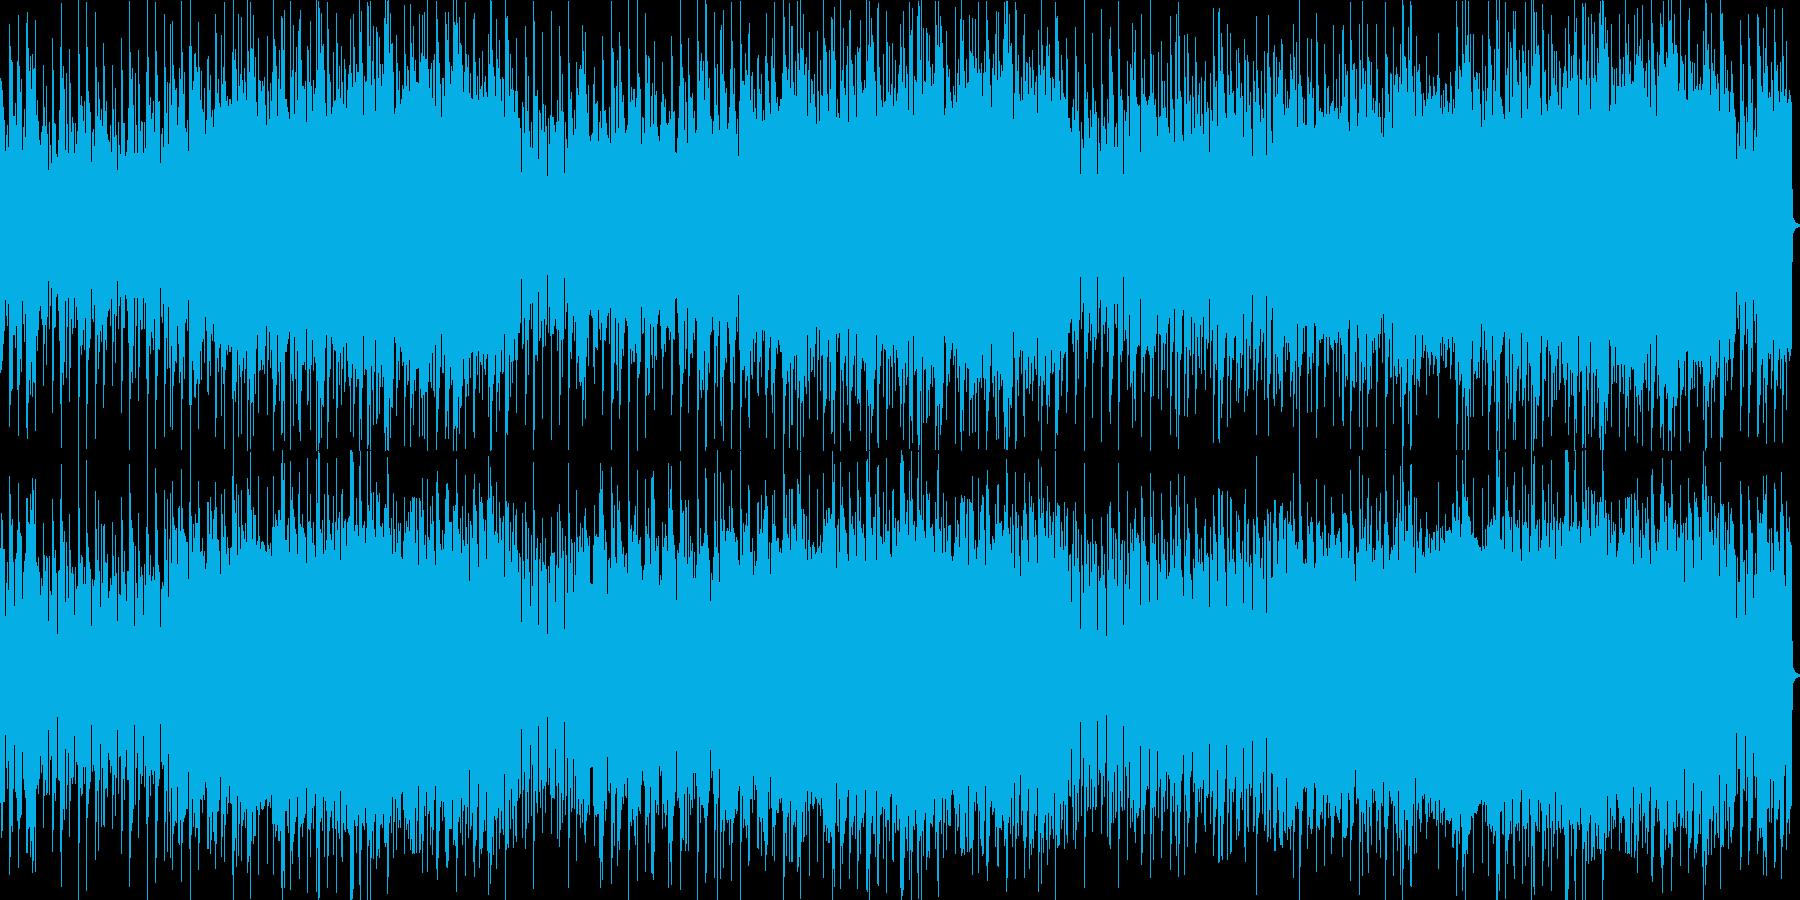 オーケストラアコーディオン企業PVワルツの再生済みの波形